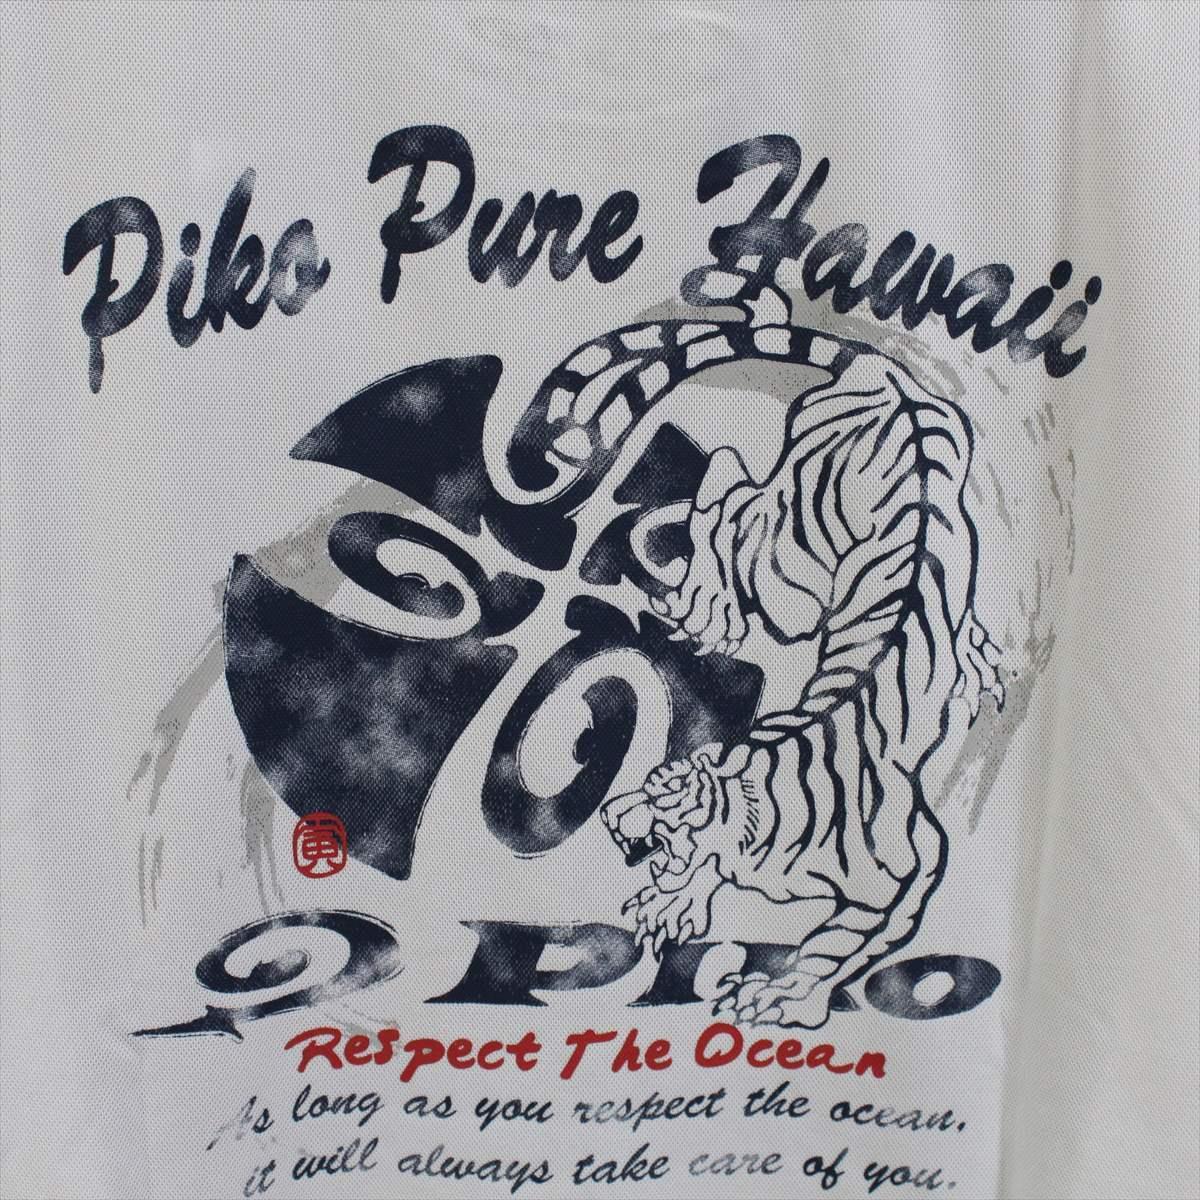 ピコ PIKO メンズ半袖Tシャツ ホワイト Mサイズ 新品 白 メッシュ_画像4